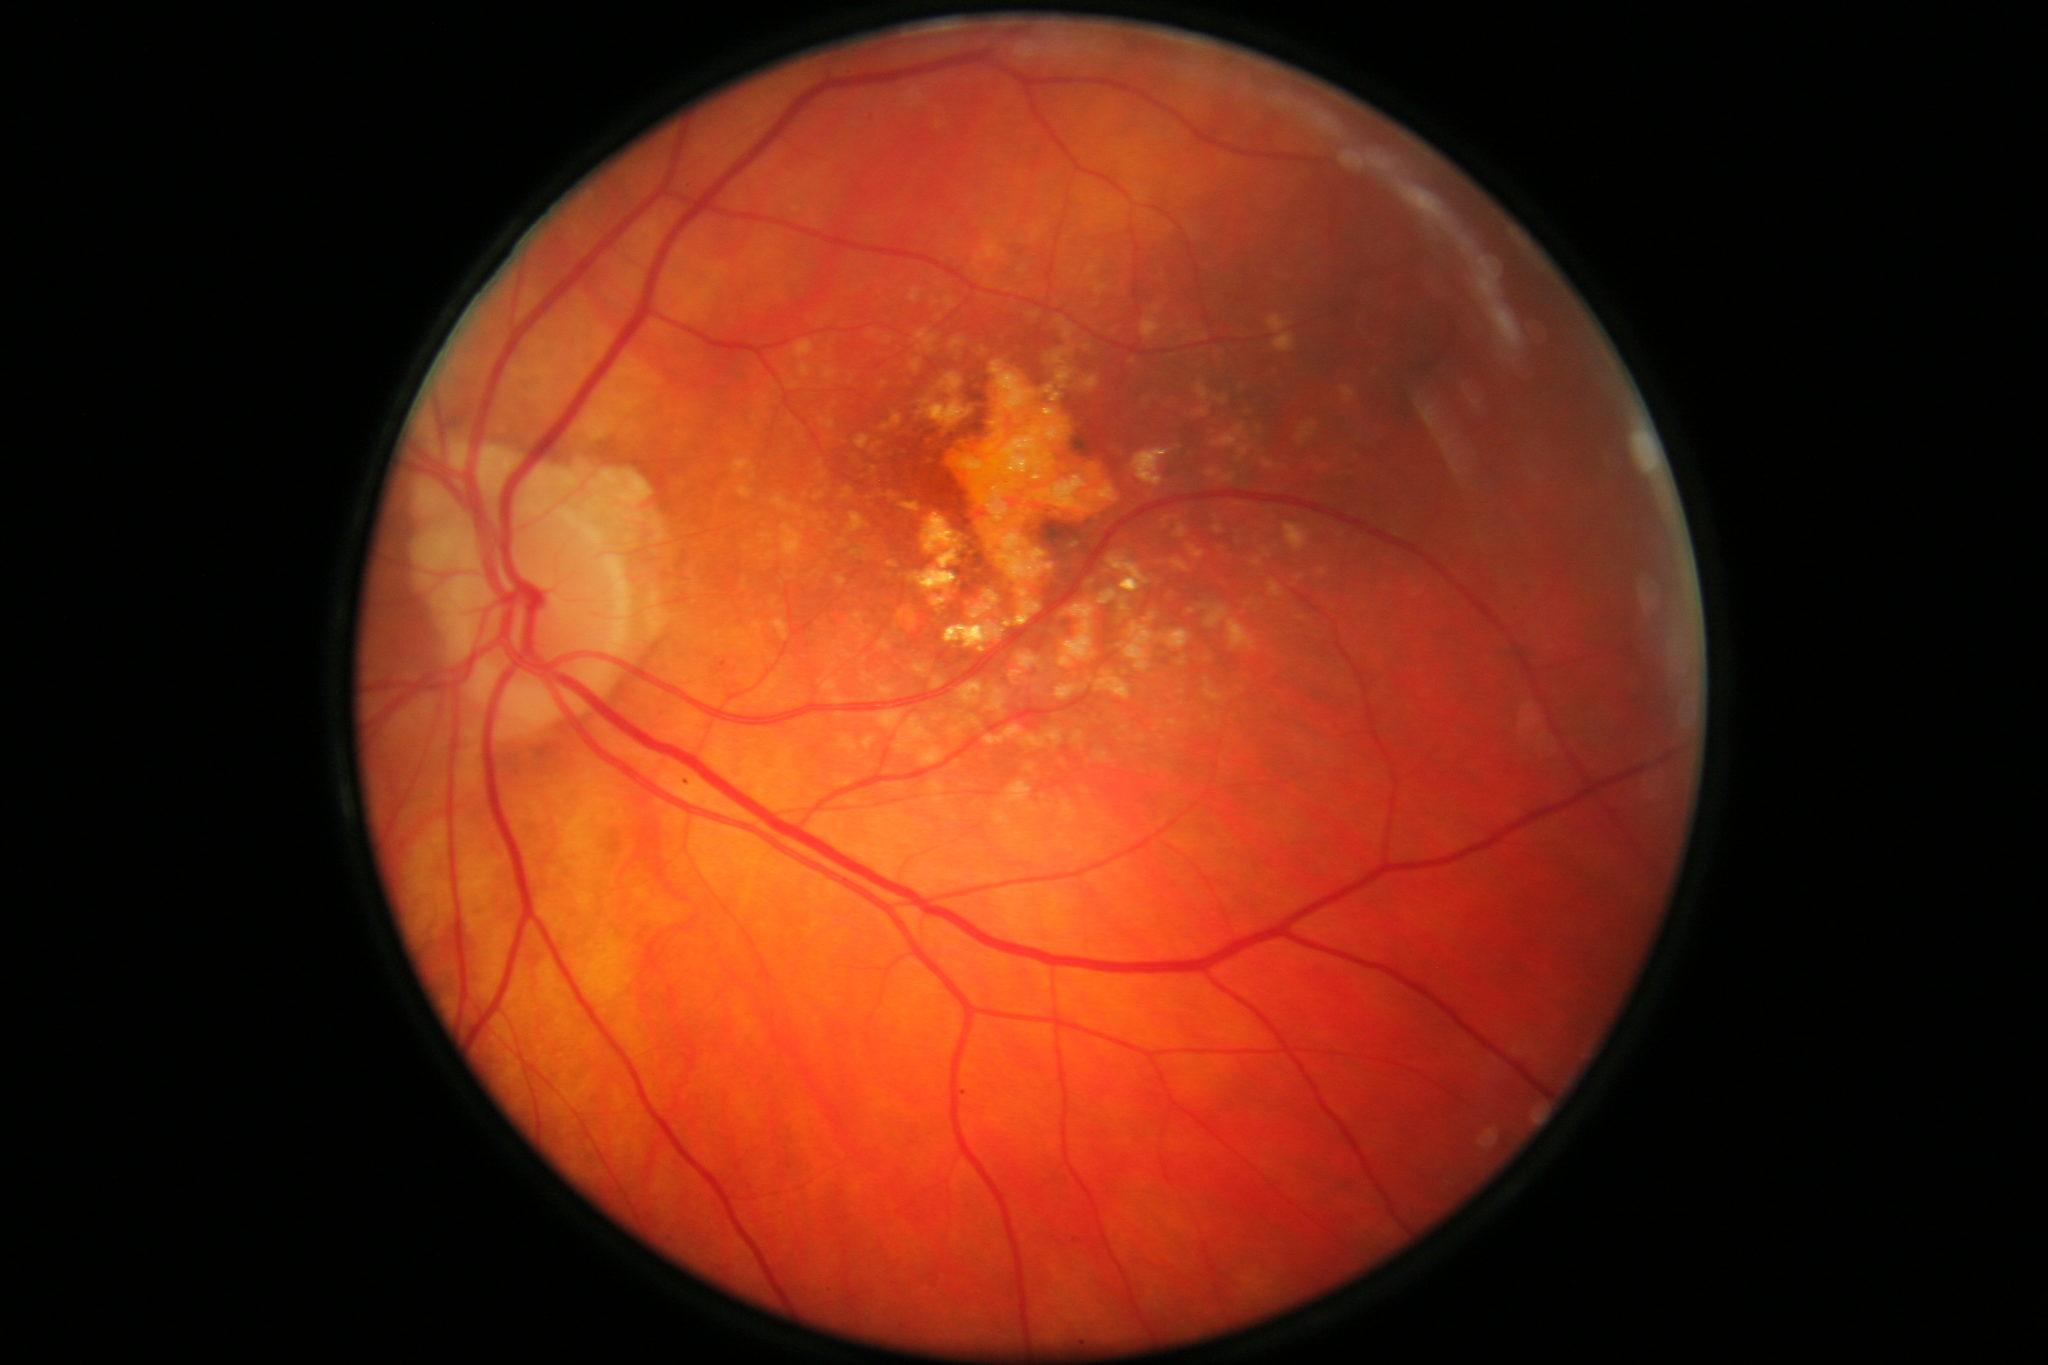 εκφυλιση ωχρας κηλιδας dry macular degeneration